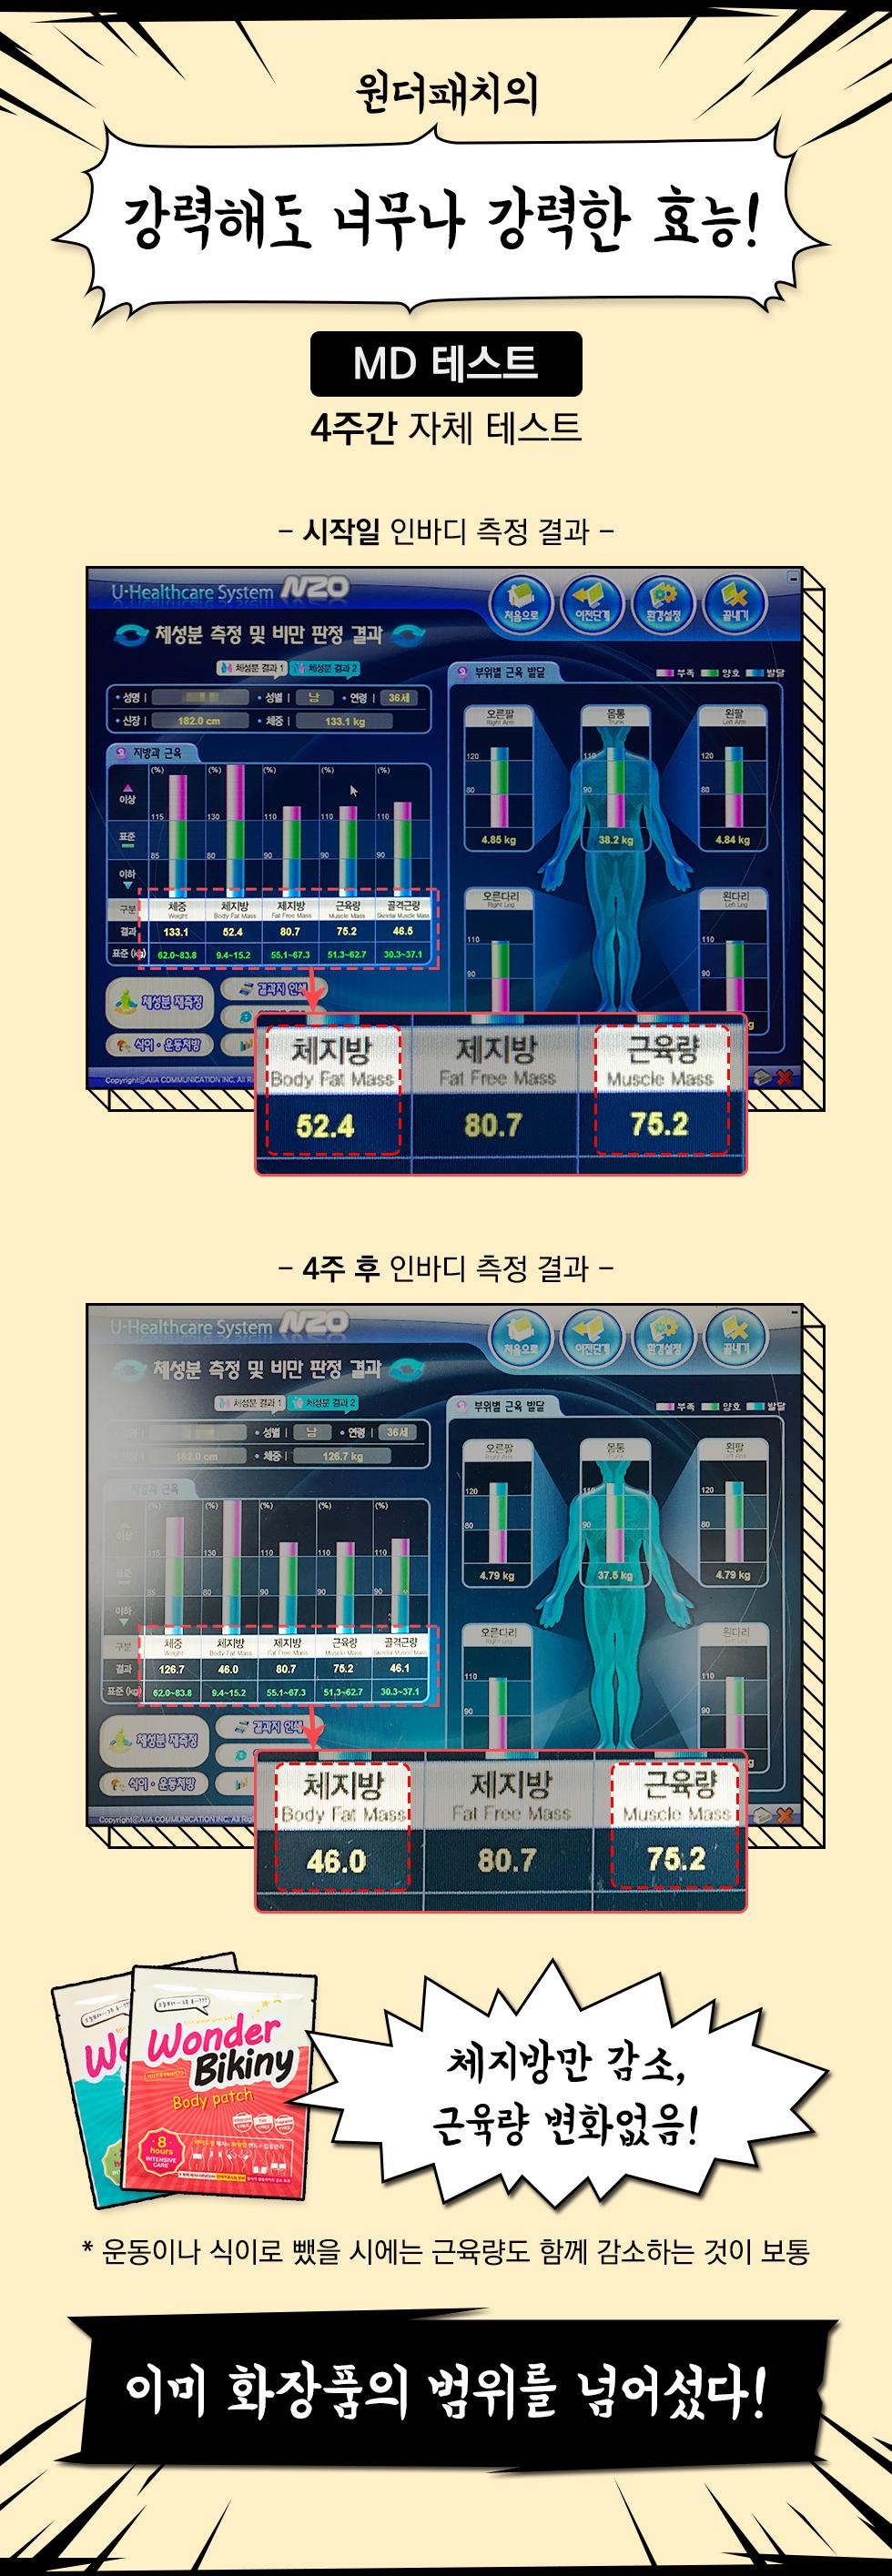 원더스키니 레그패치 1BOX(6팩/3주 완성) - 아이다코스메틱, 18,900원, 바디슬리밍, 바디슬리밍